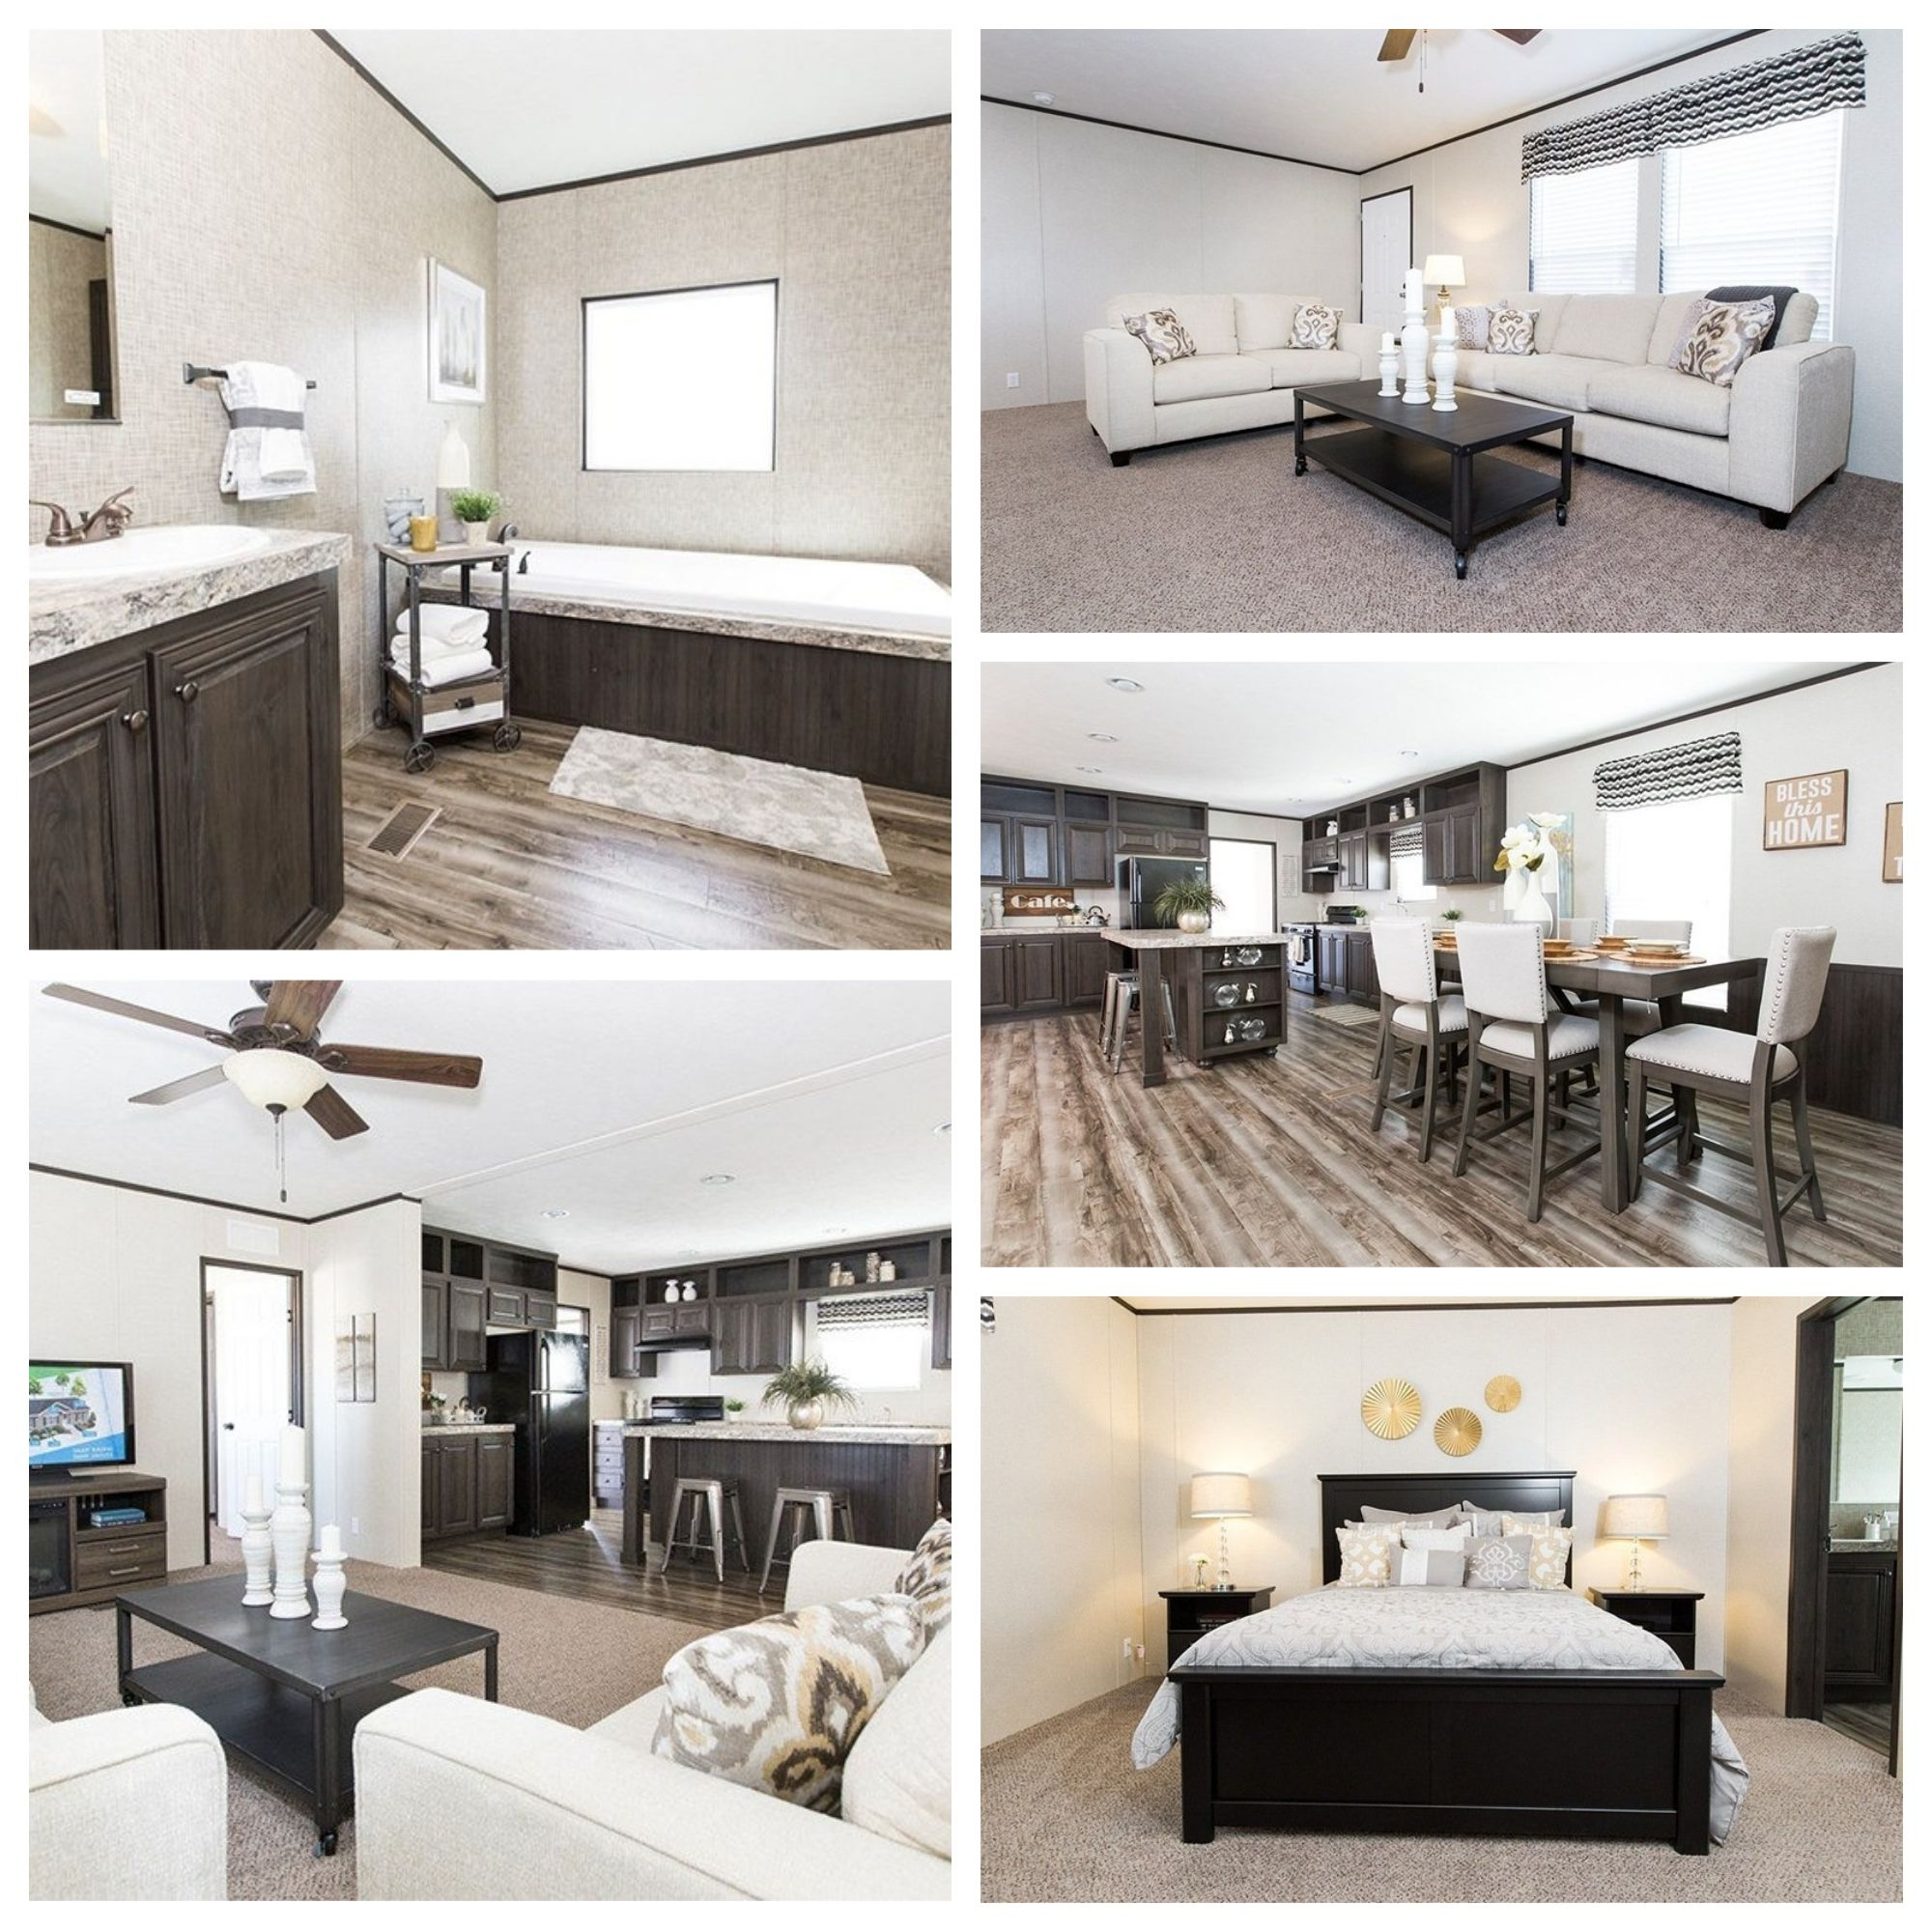 Clayton sundowner slt28603a 42 mobile home for sale